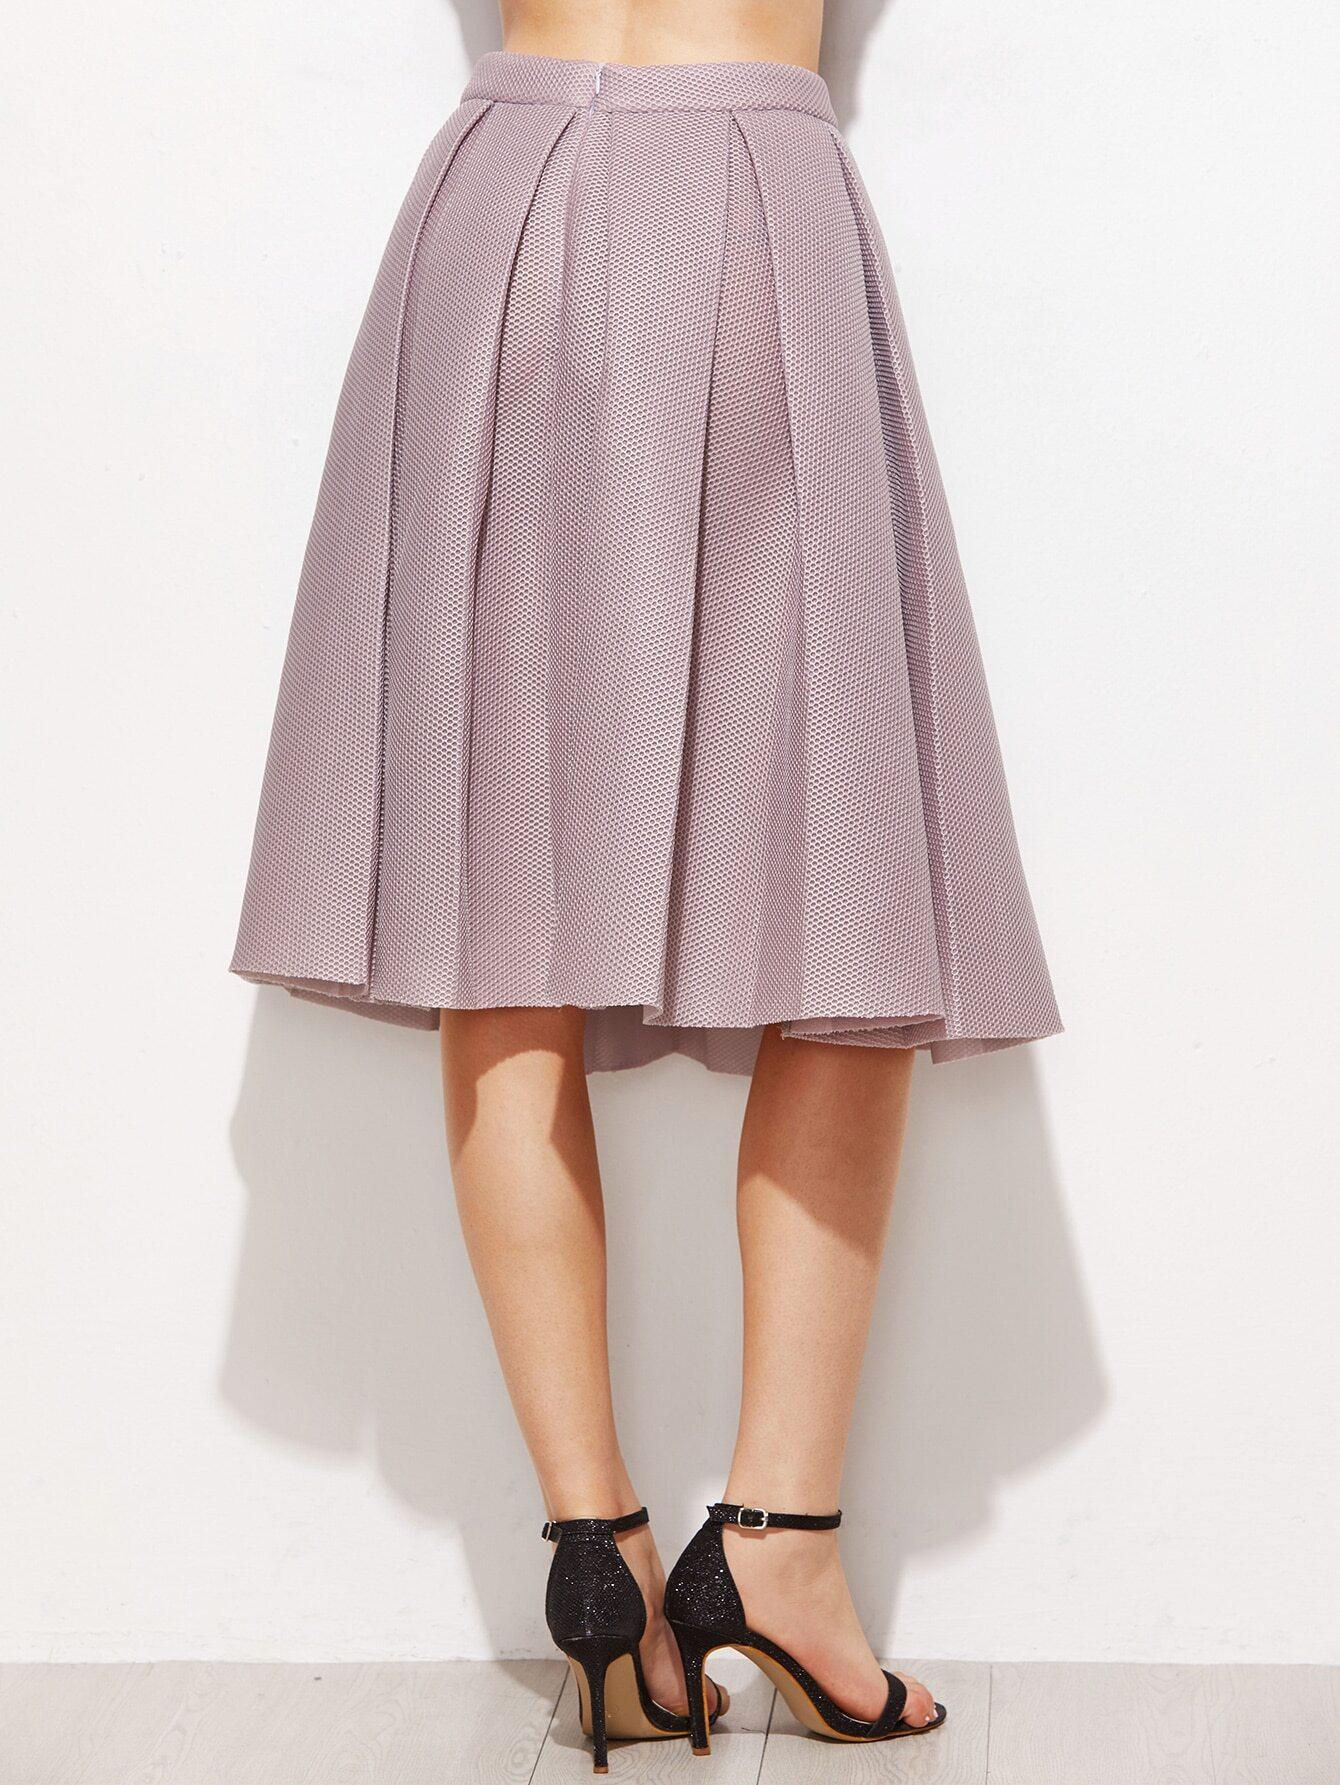 skirt161025599_2